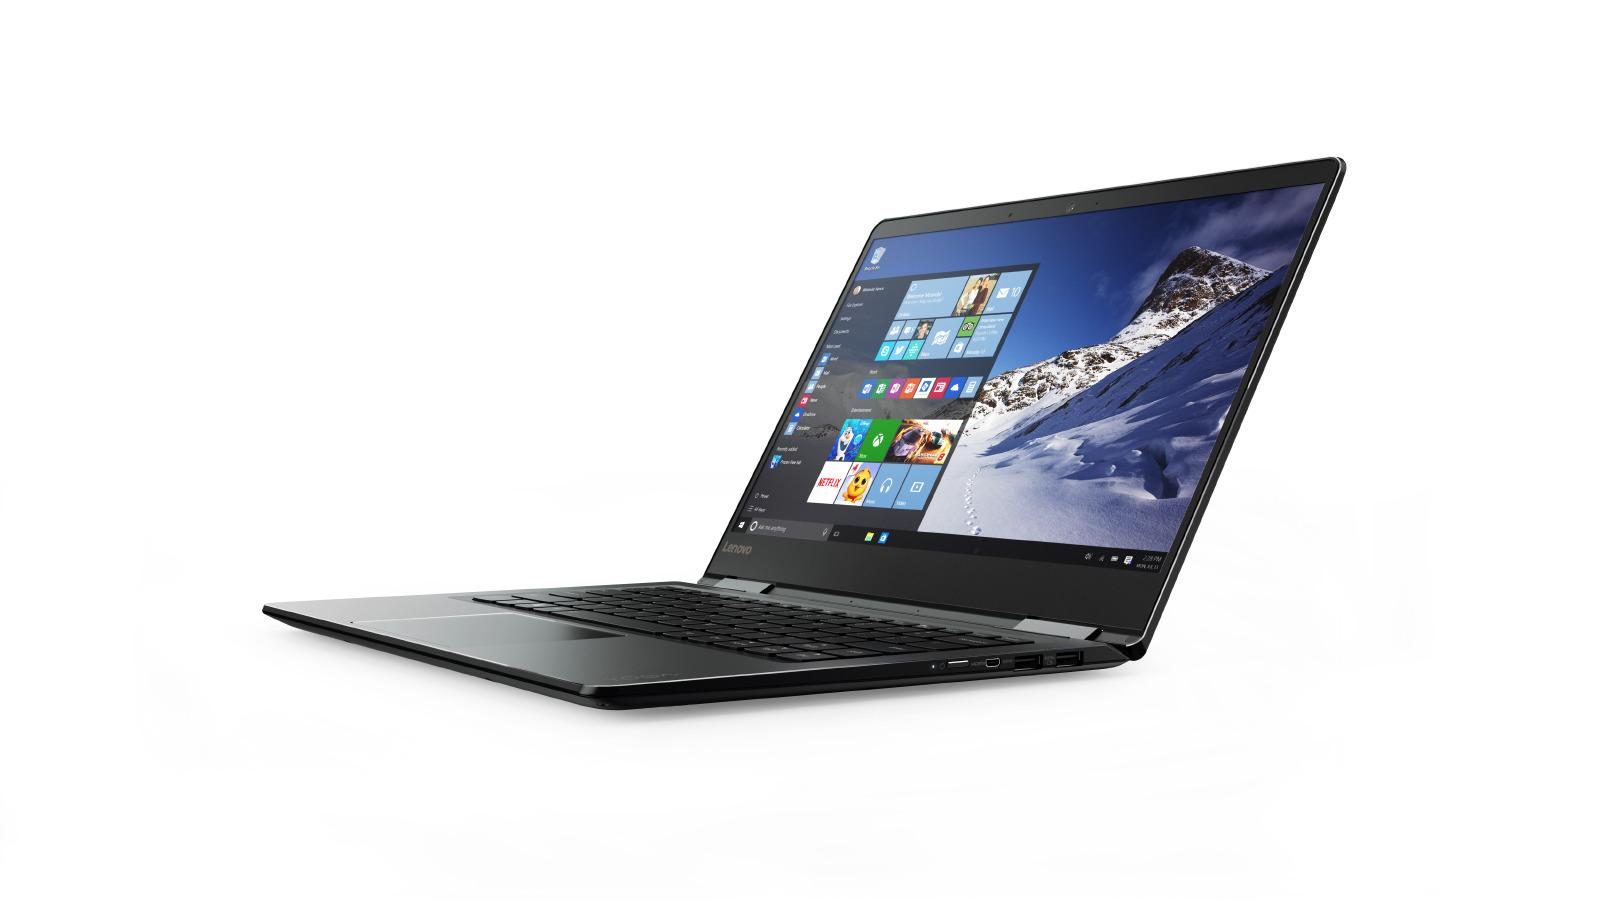 """Lenovo YOGA 710-14IKB i5-7200U 3,10GHz/8GB/SSD 256GB/14"""" FHD/IPS/multitouch/GeForce 2GB/WIN10 černá 80V4007MCK"""